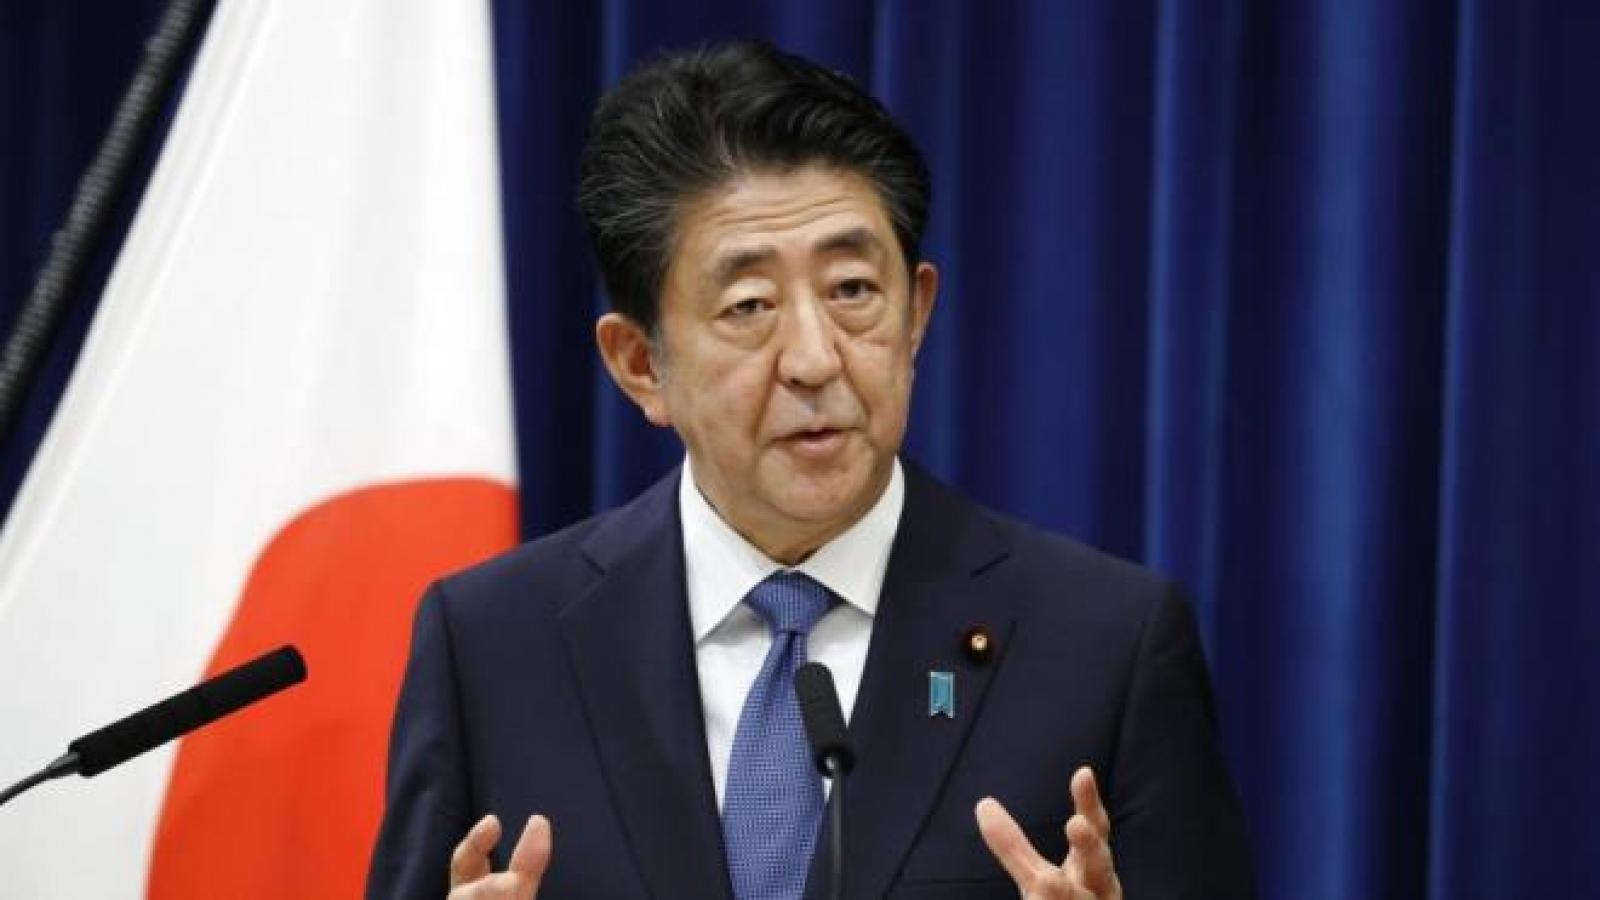 Cựu Thủ tướng Abe xin lỗi sau bê bối tài trợ bầu cử Nhật Bản